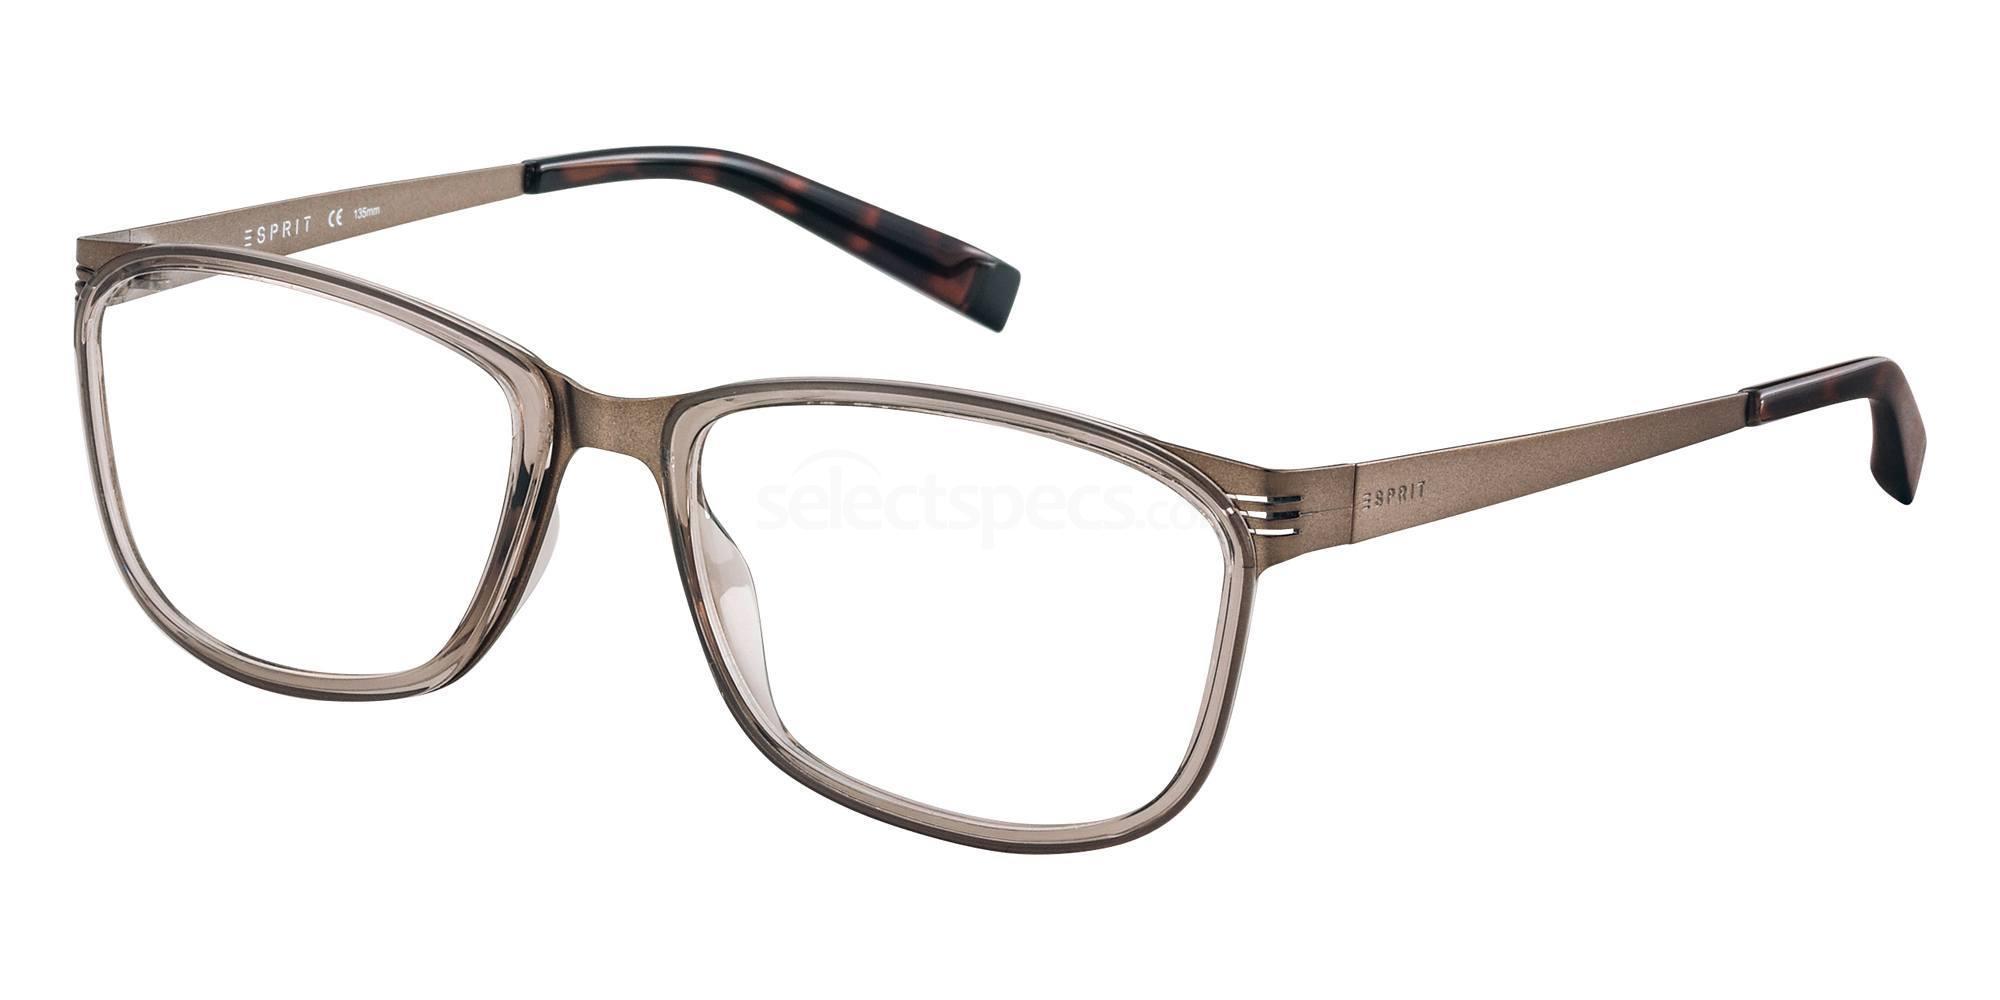 535 ET17493 Glasses, Esprit